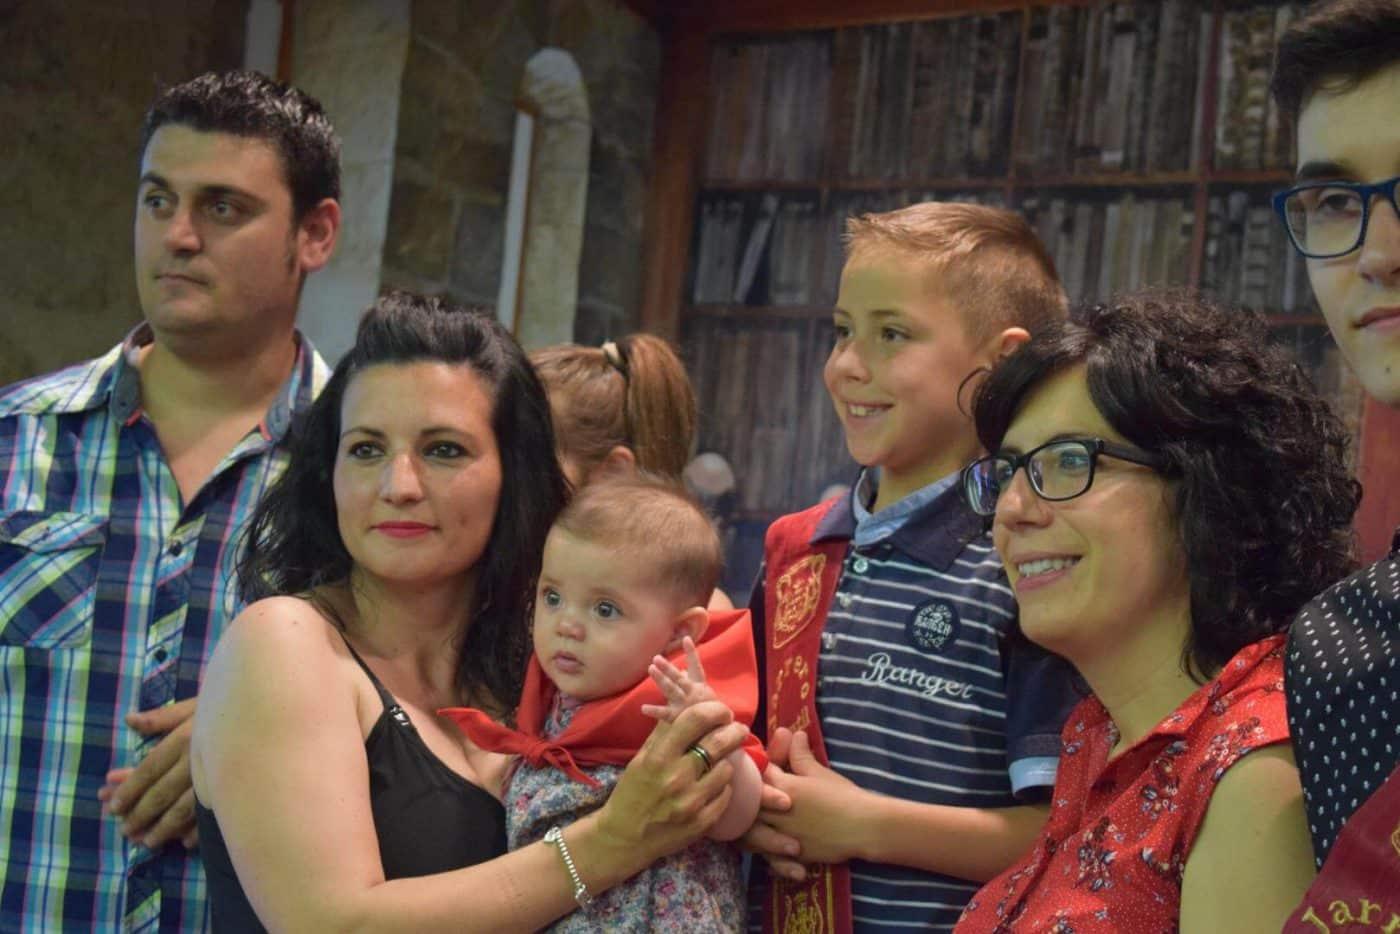 Bautismo festivo para casi 70 niños en Haro 14